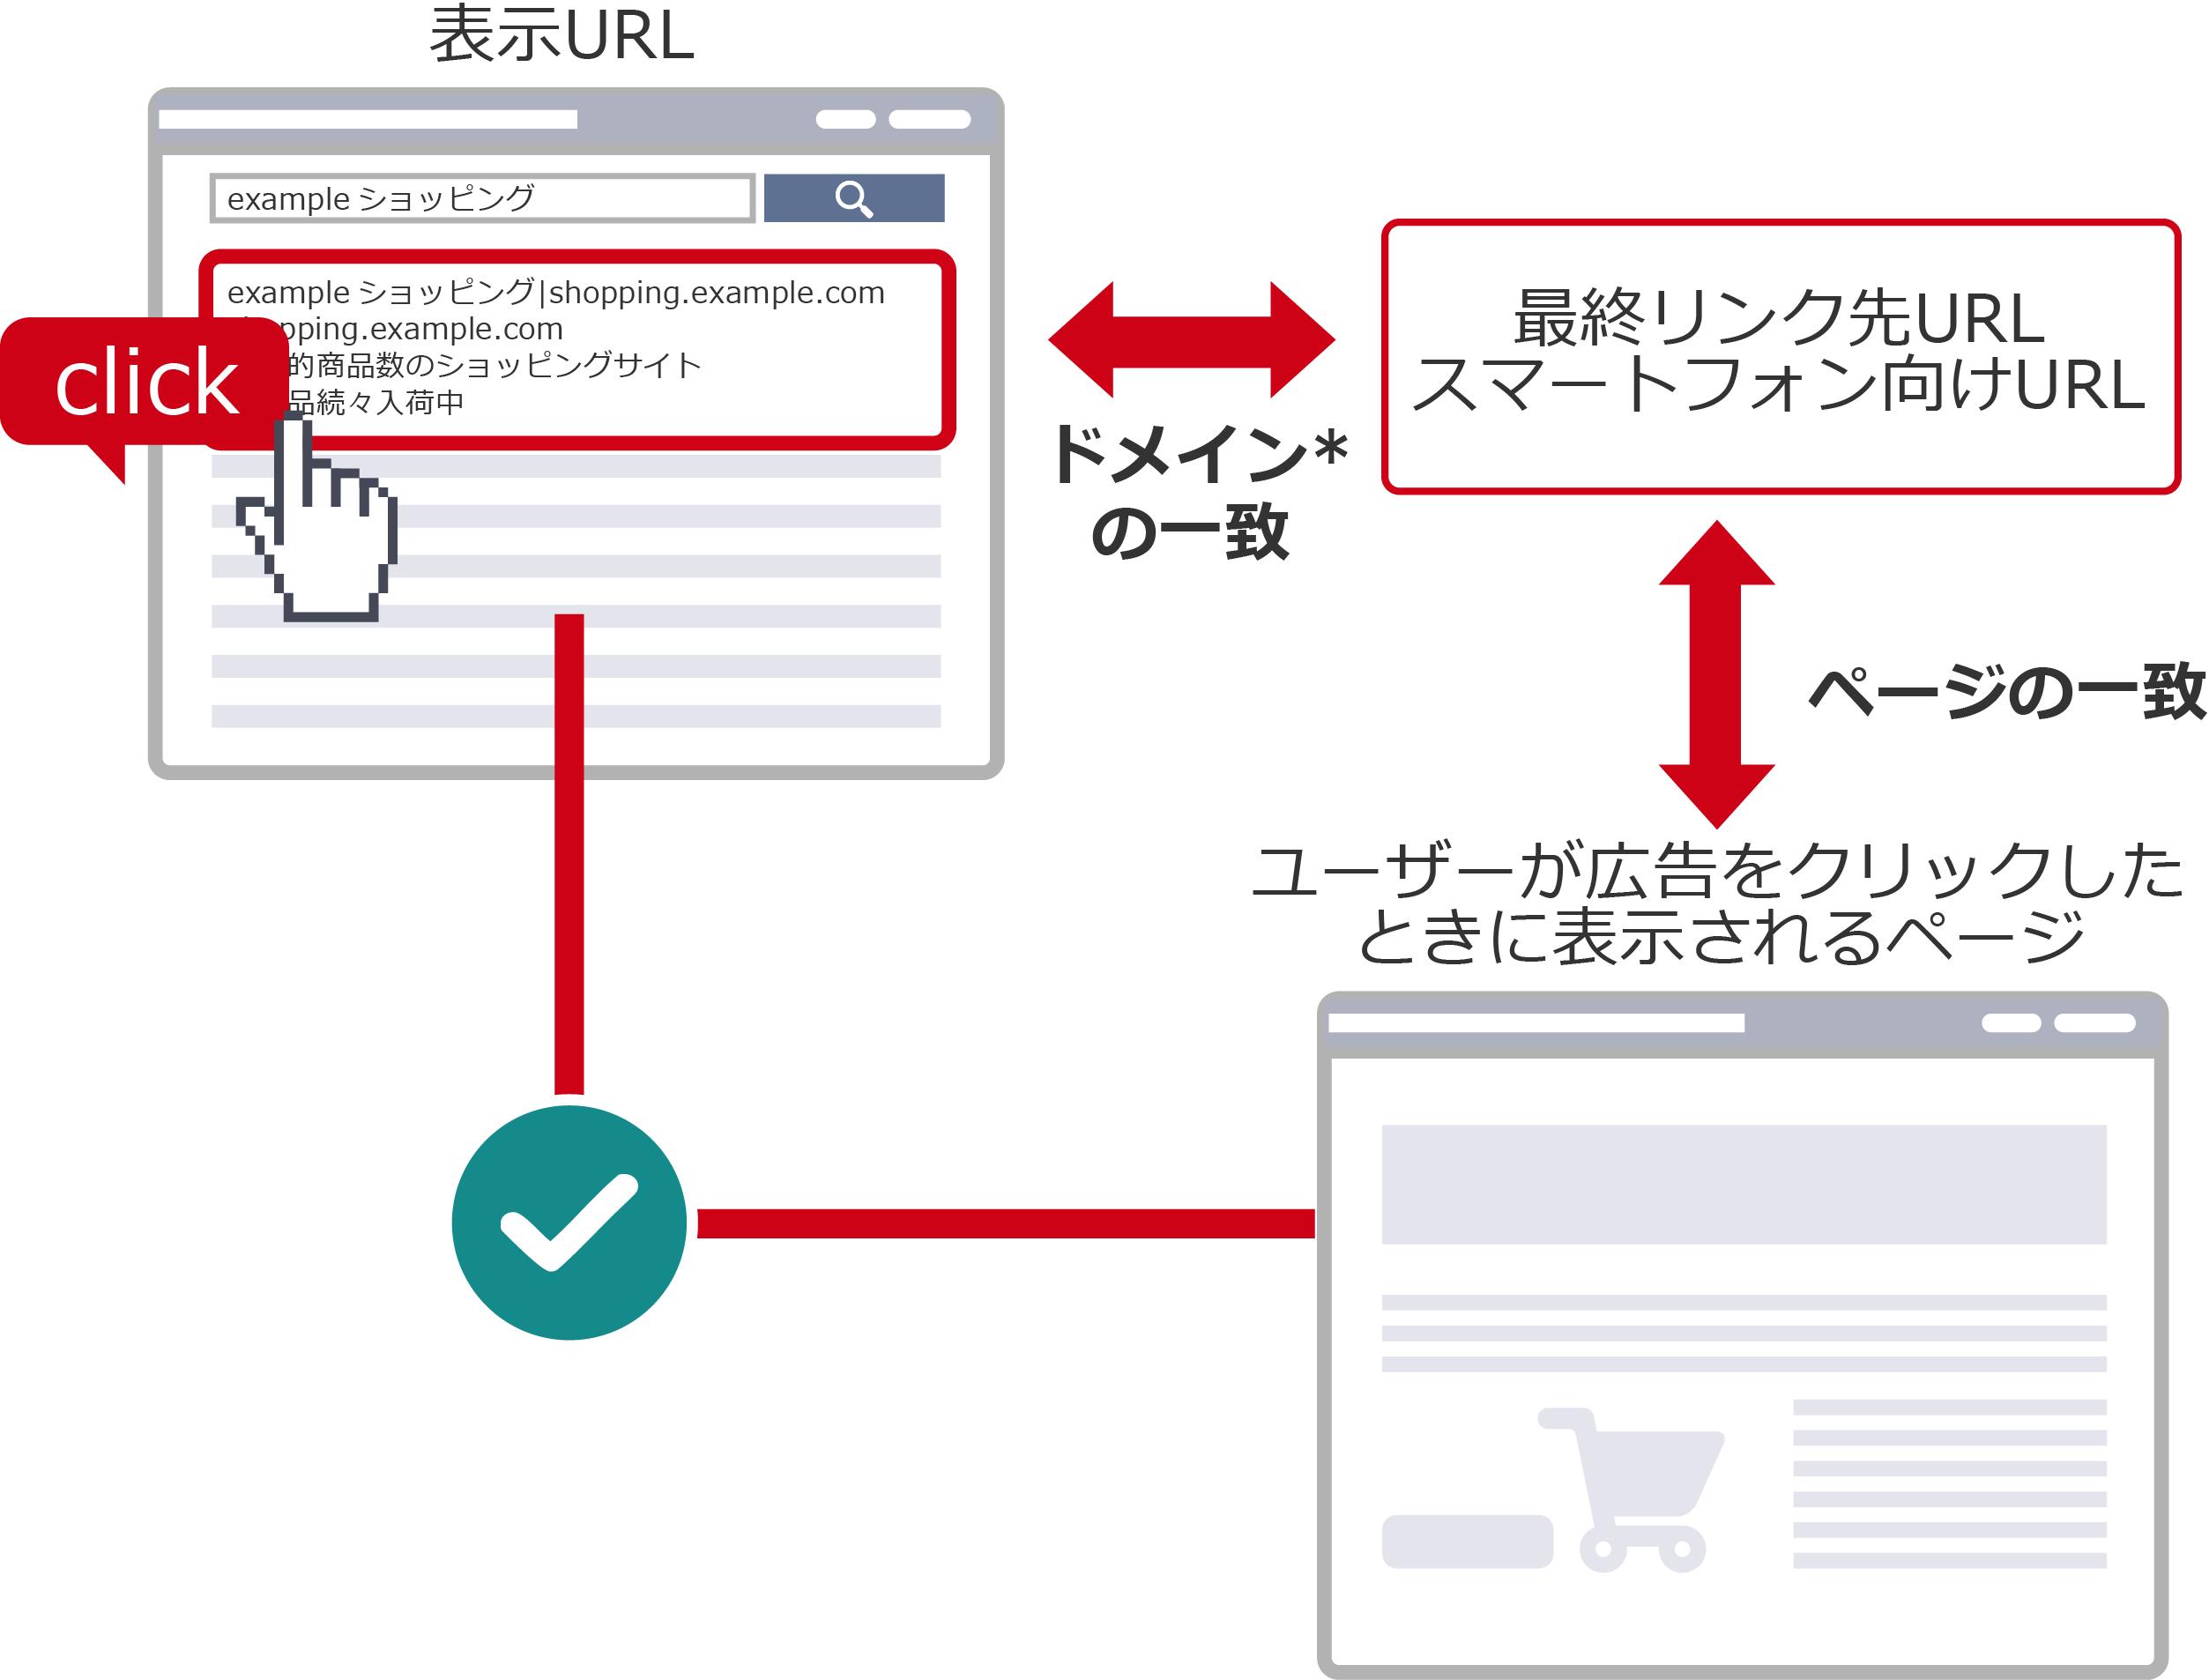 広告に表示されるURLと最終リンク先URLのドメイン(インターネット上の住所)の一致が必要となります。